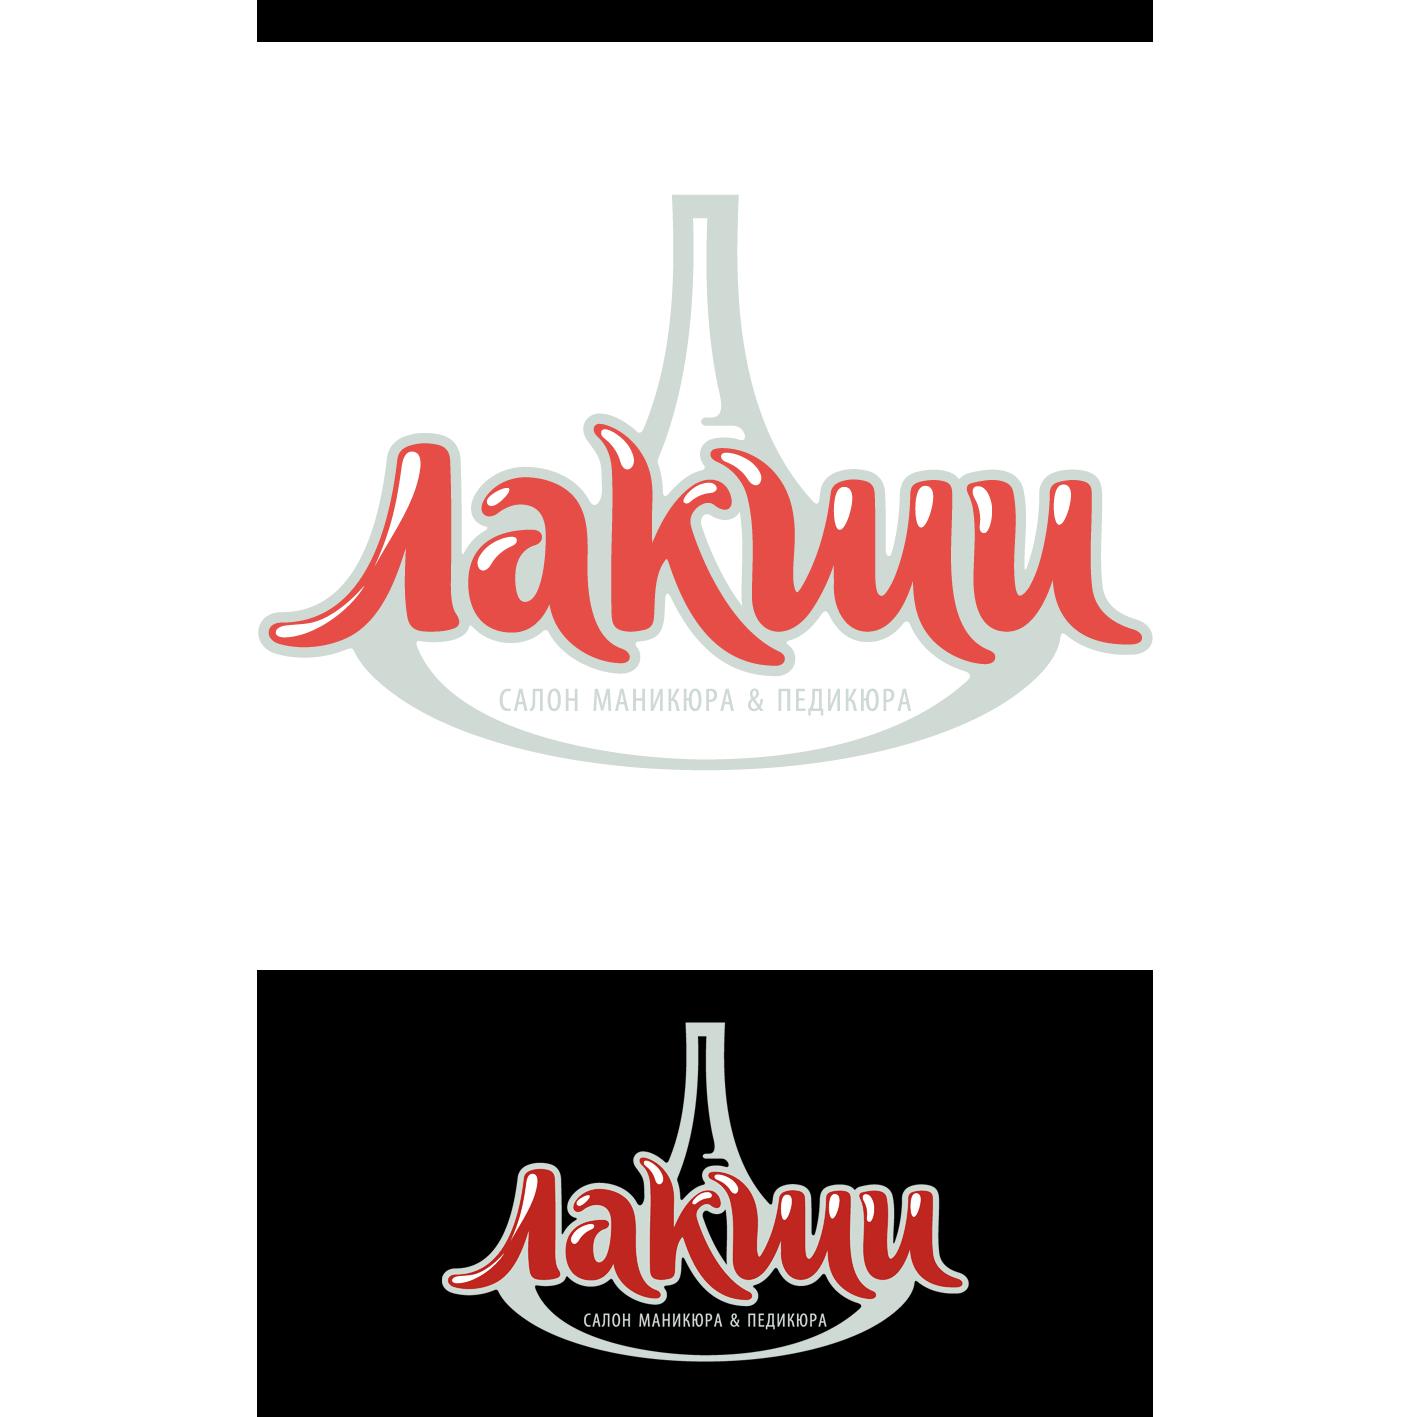 Разработка логотипа фирменного стиля фото f_9035c5a0d4d37d15.png